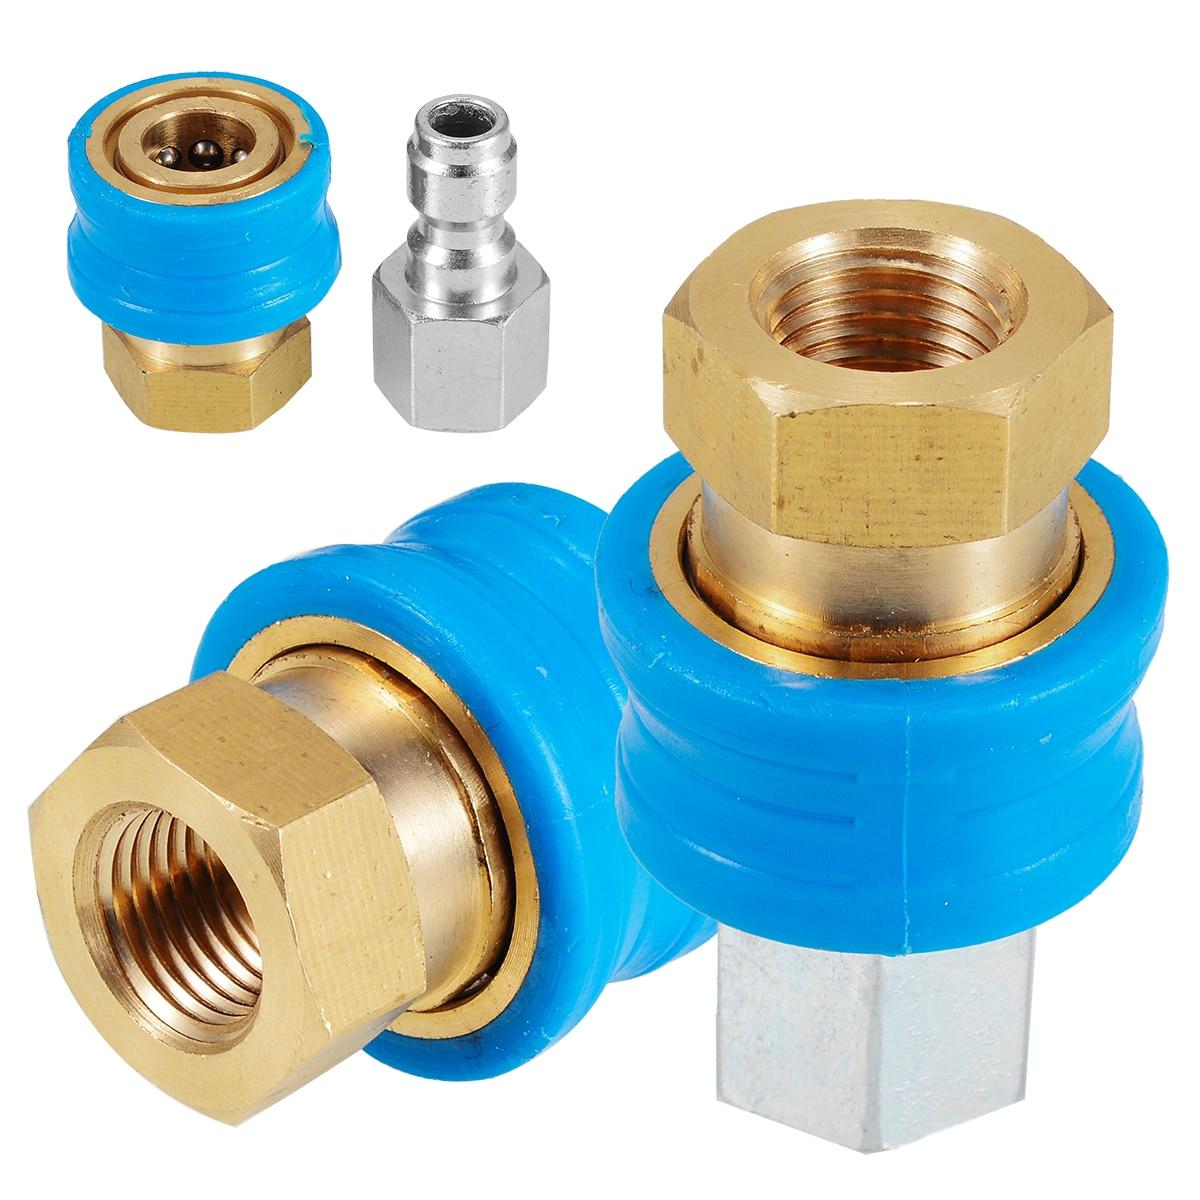 Pressure Washer Steam Cleaner Brass Steam Nozzle